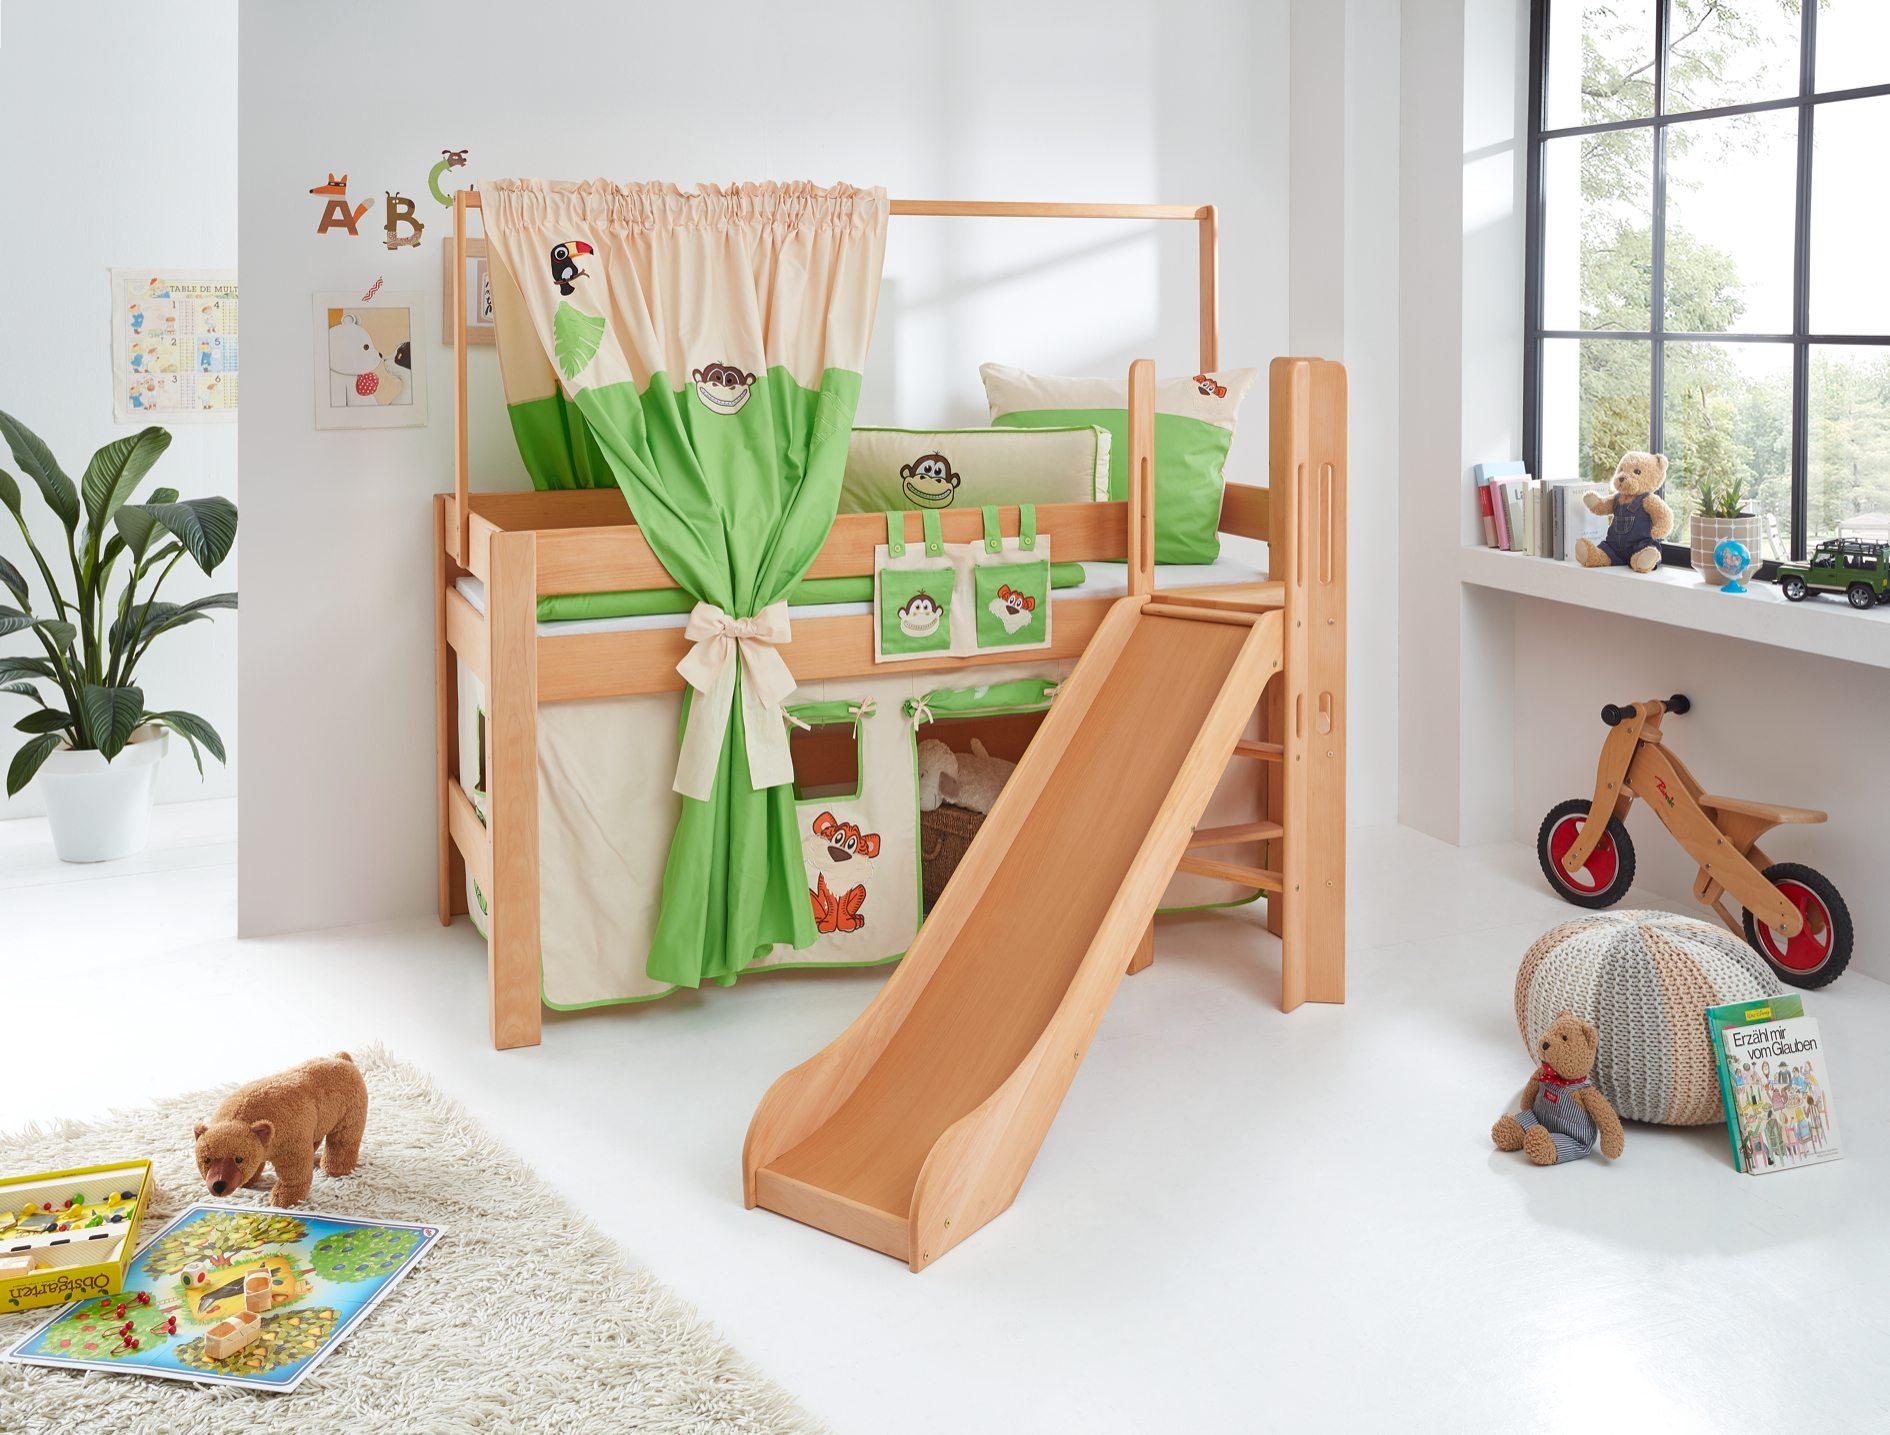 Full Size of Halbhohes Bett Ikea Flexa Mit Stauraum Schreibtisch Und Matratze Lattenrost Ohne Füße Bopita Bonprix Betten Weiß 90x200 Günstige 180x200 Amerikanisches Wohnzimmer Halbhohes Bett Ikea